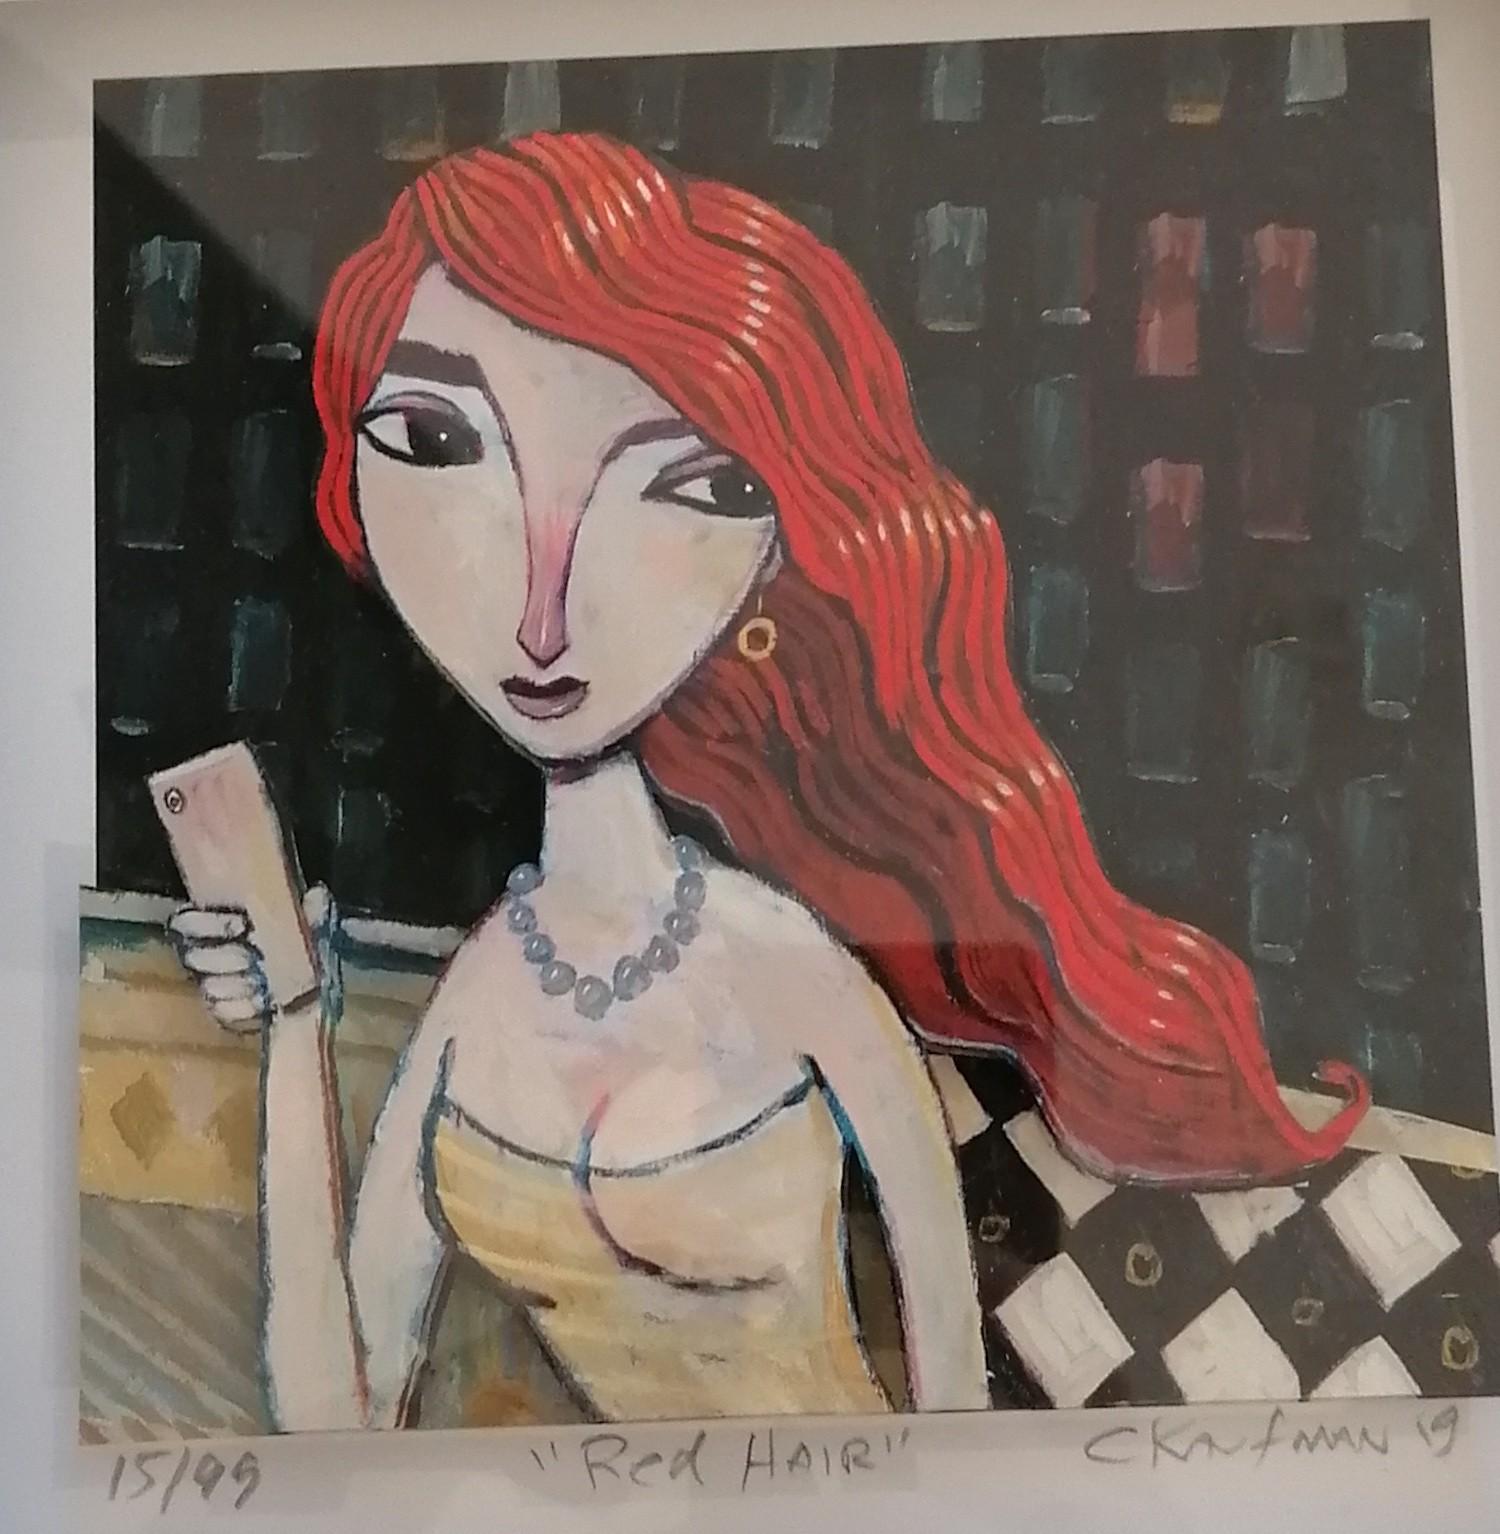 red hair - Kaufmann, Charles - k-CHK398